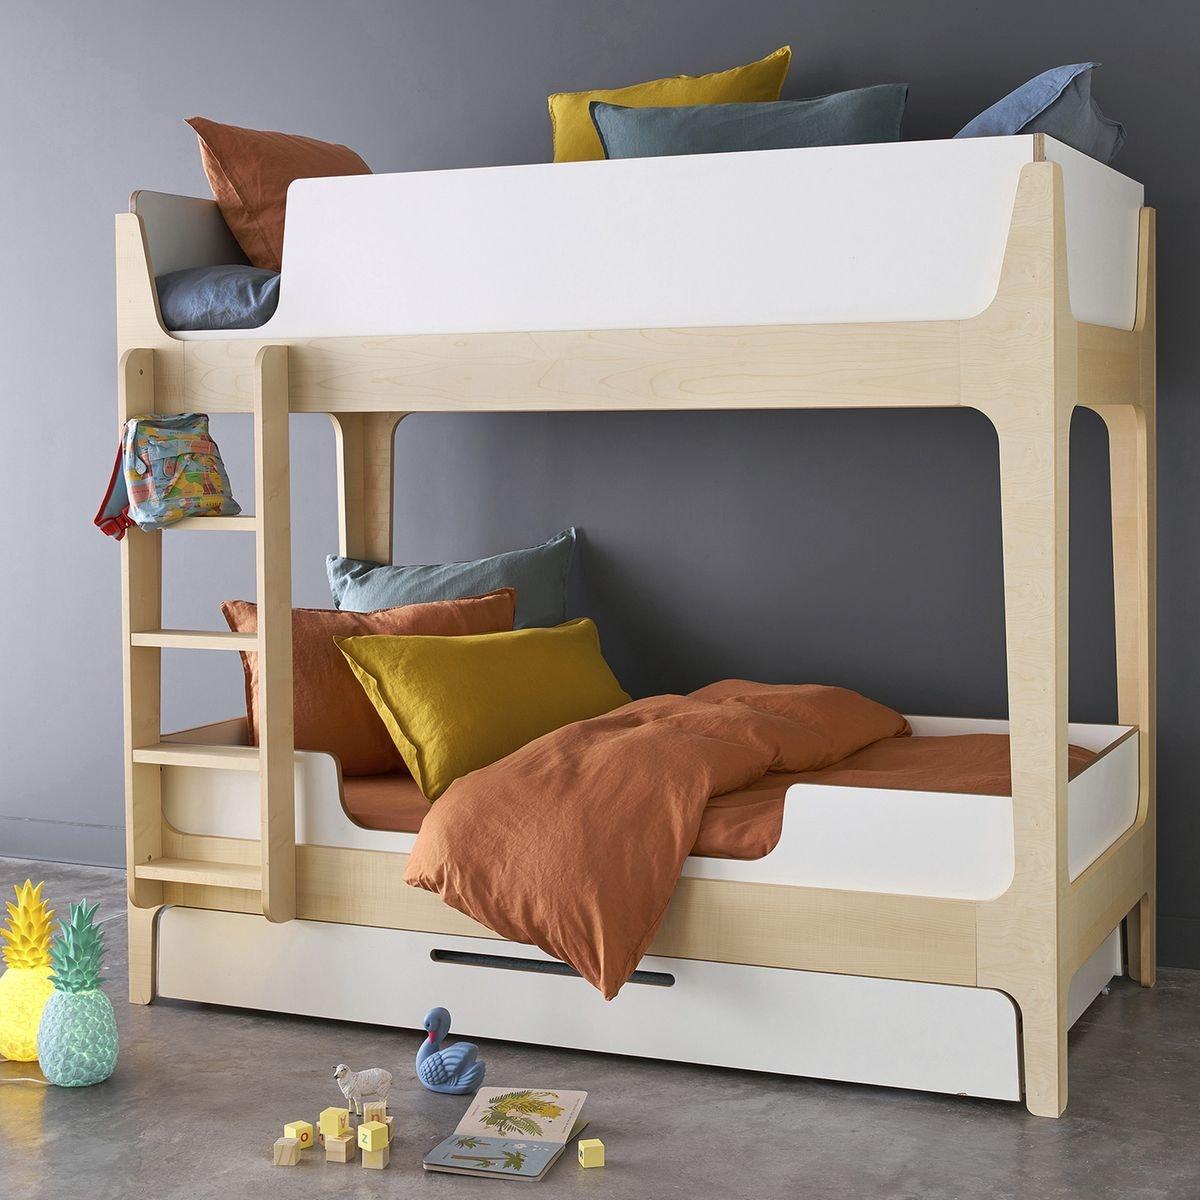 Lit Superposé 3 Étages lit superposé : une solution gain de place pour la chambre d